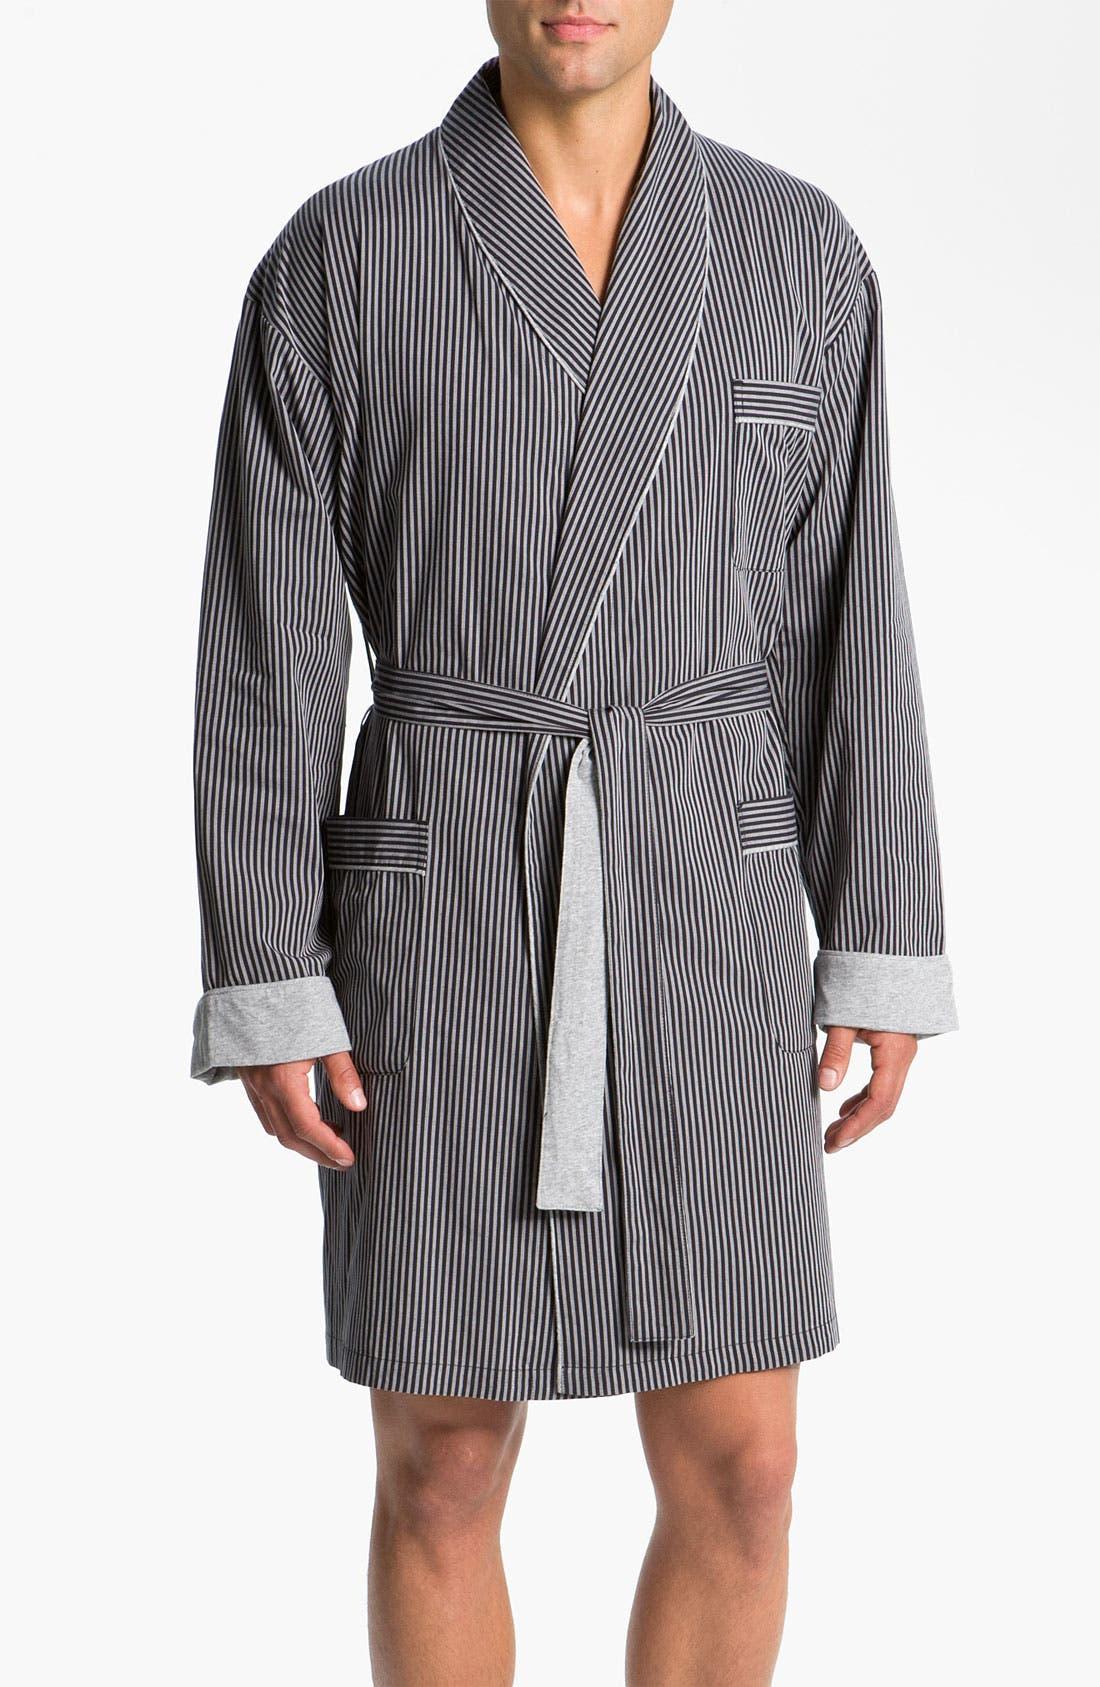 Alternate Image 1 Selected - Ike Behar Stripe Robe